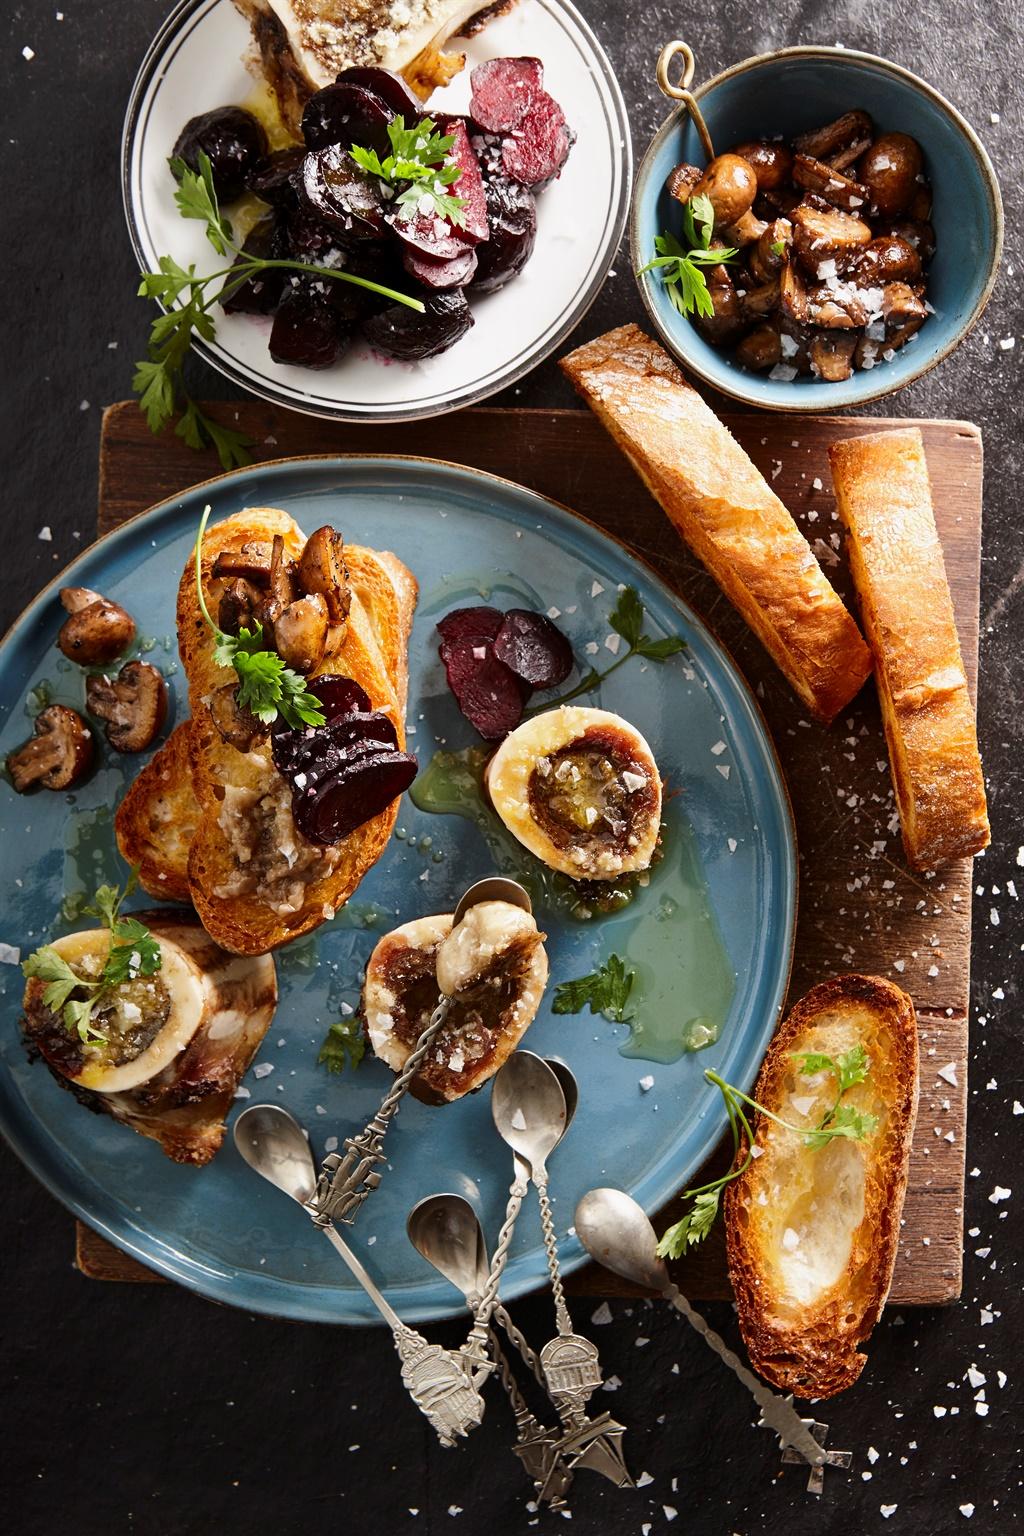 klankbord,resep,roosterbrood,sampioene